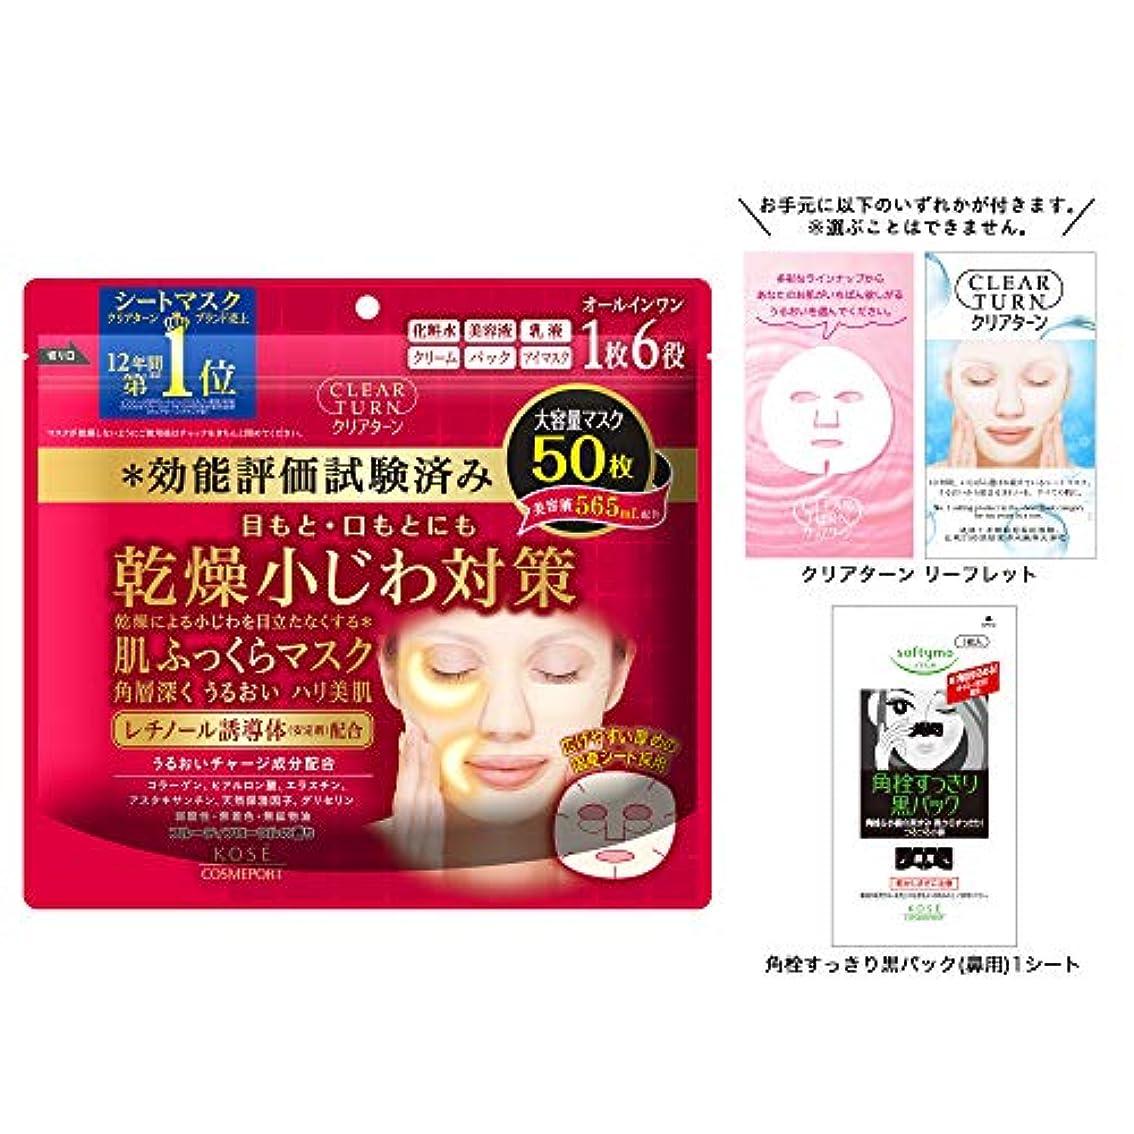 通貨溶けたなに【Amazon.co.jp限定】KOSE コーセー クリアターン 肌ふっくら マスク 50枚 おまけ付 フェイスマスク